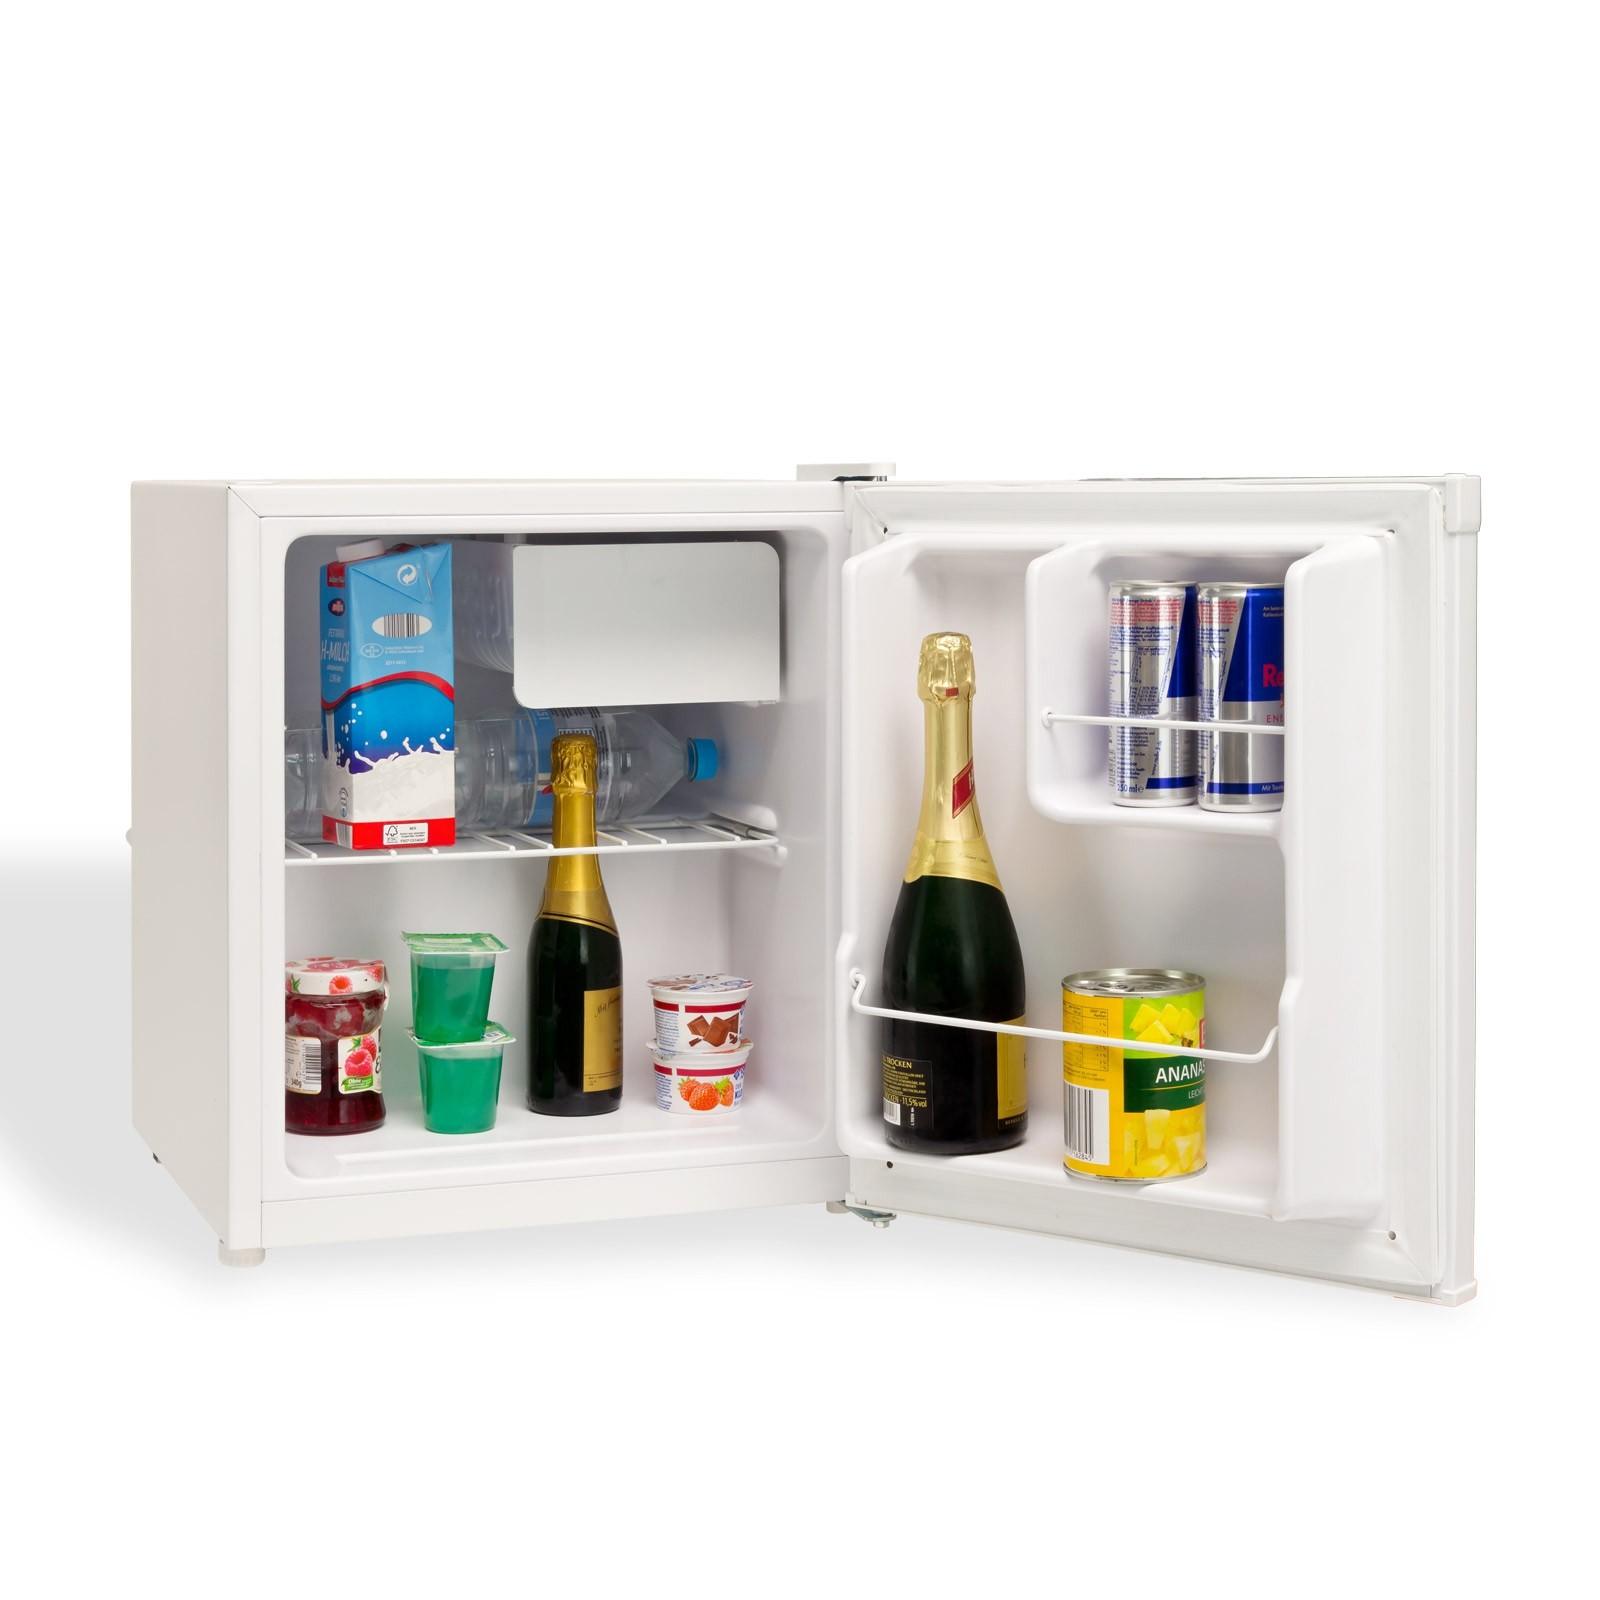 minik hlschrank k hlschrank partyk hlschrank minibar 47 liter a ebay. Black Bedroom Furniture Sets. Home Design Ideas